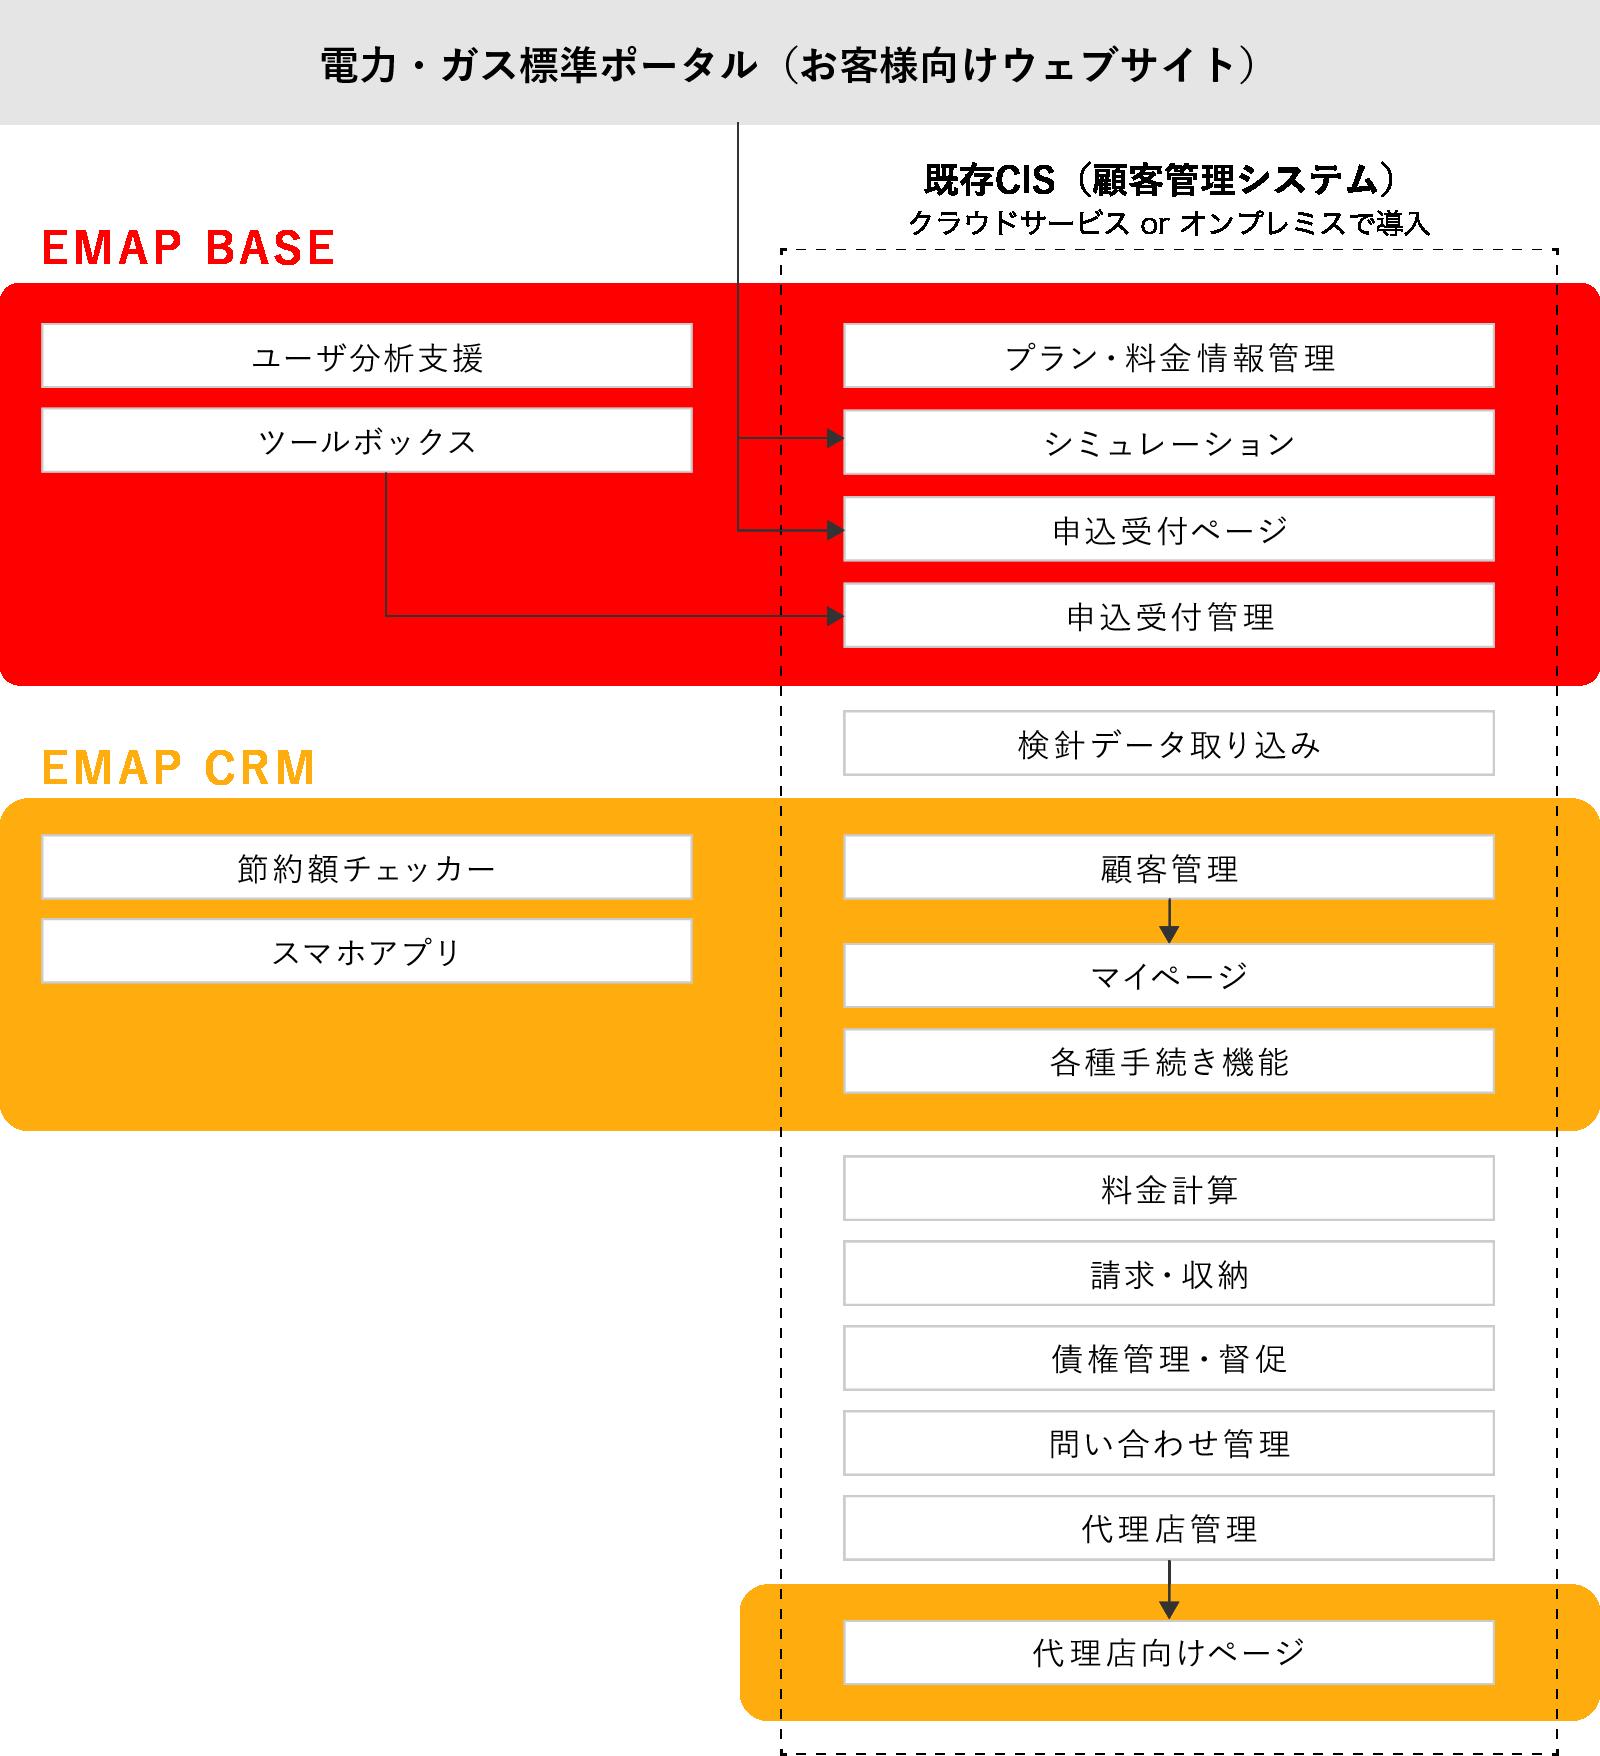 一般的な顧客管理システムとEMAPの比較表